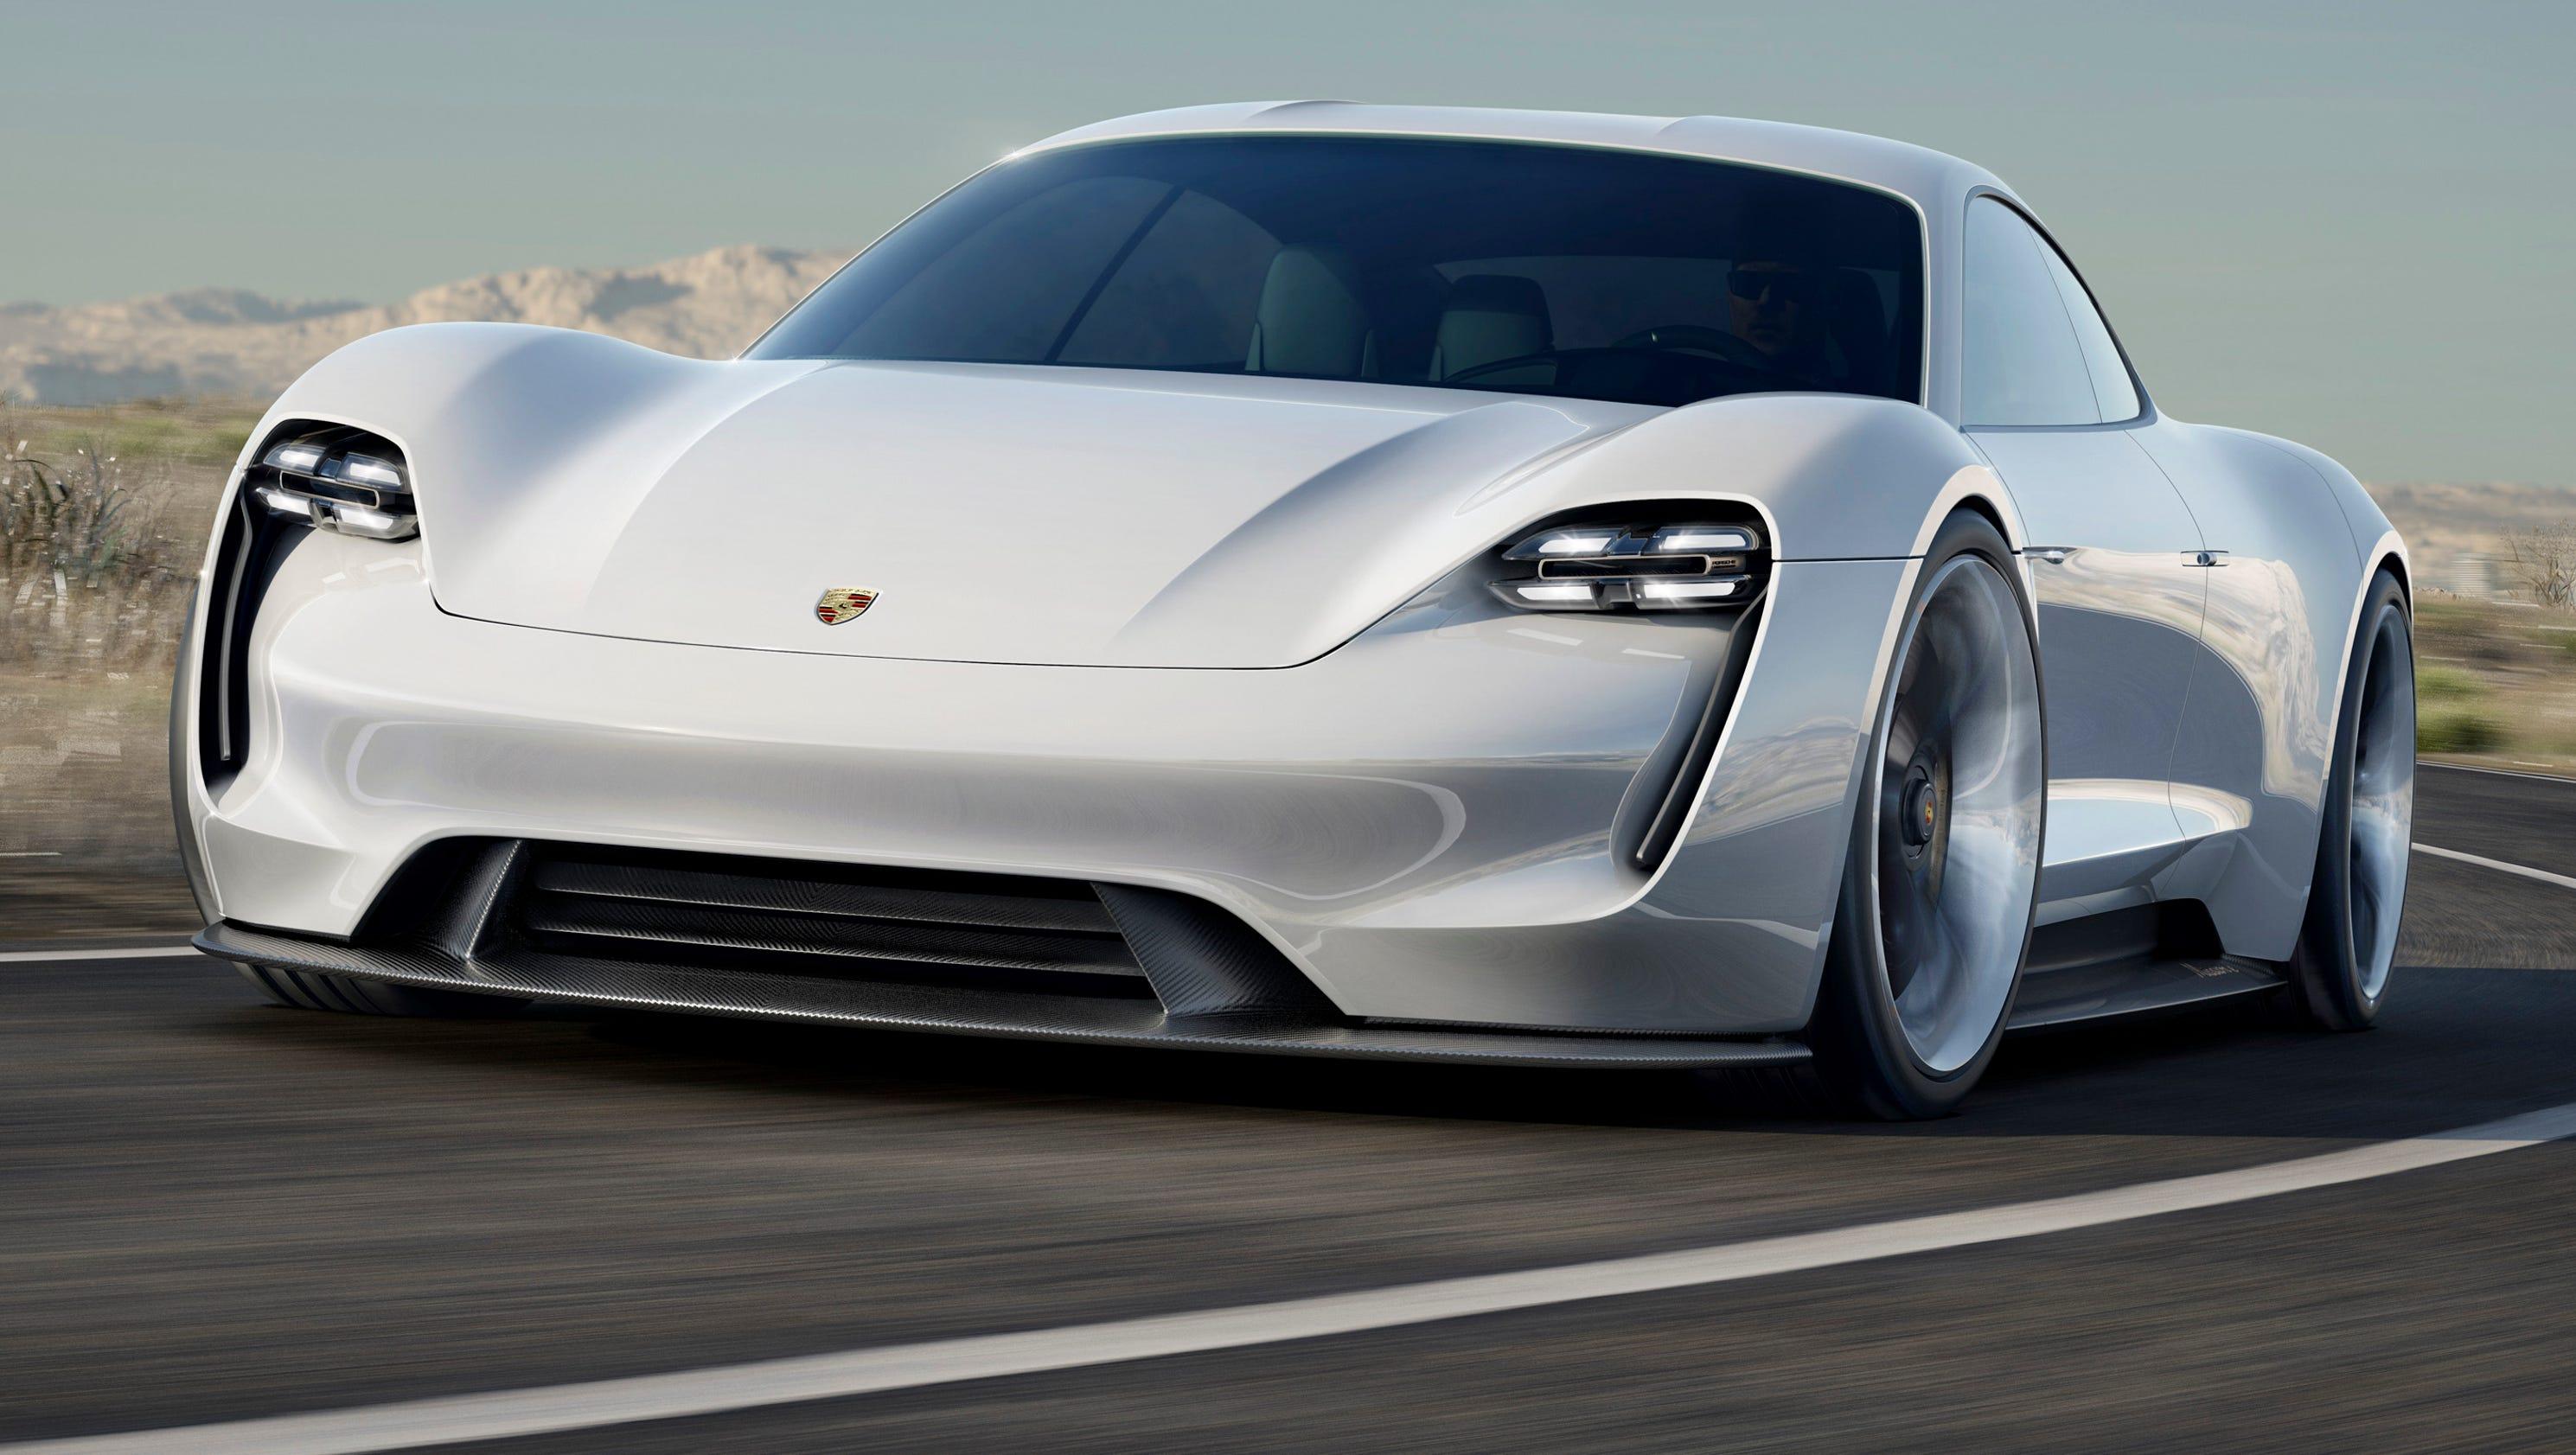 porsche unveils 600 hp electric sports car concept. Black Bedroom Furniture Sets. Home Design Ideas